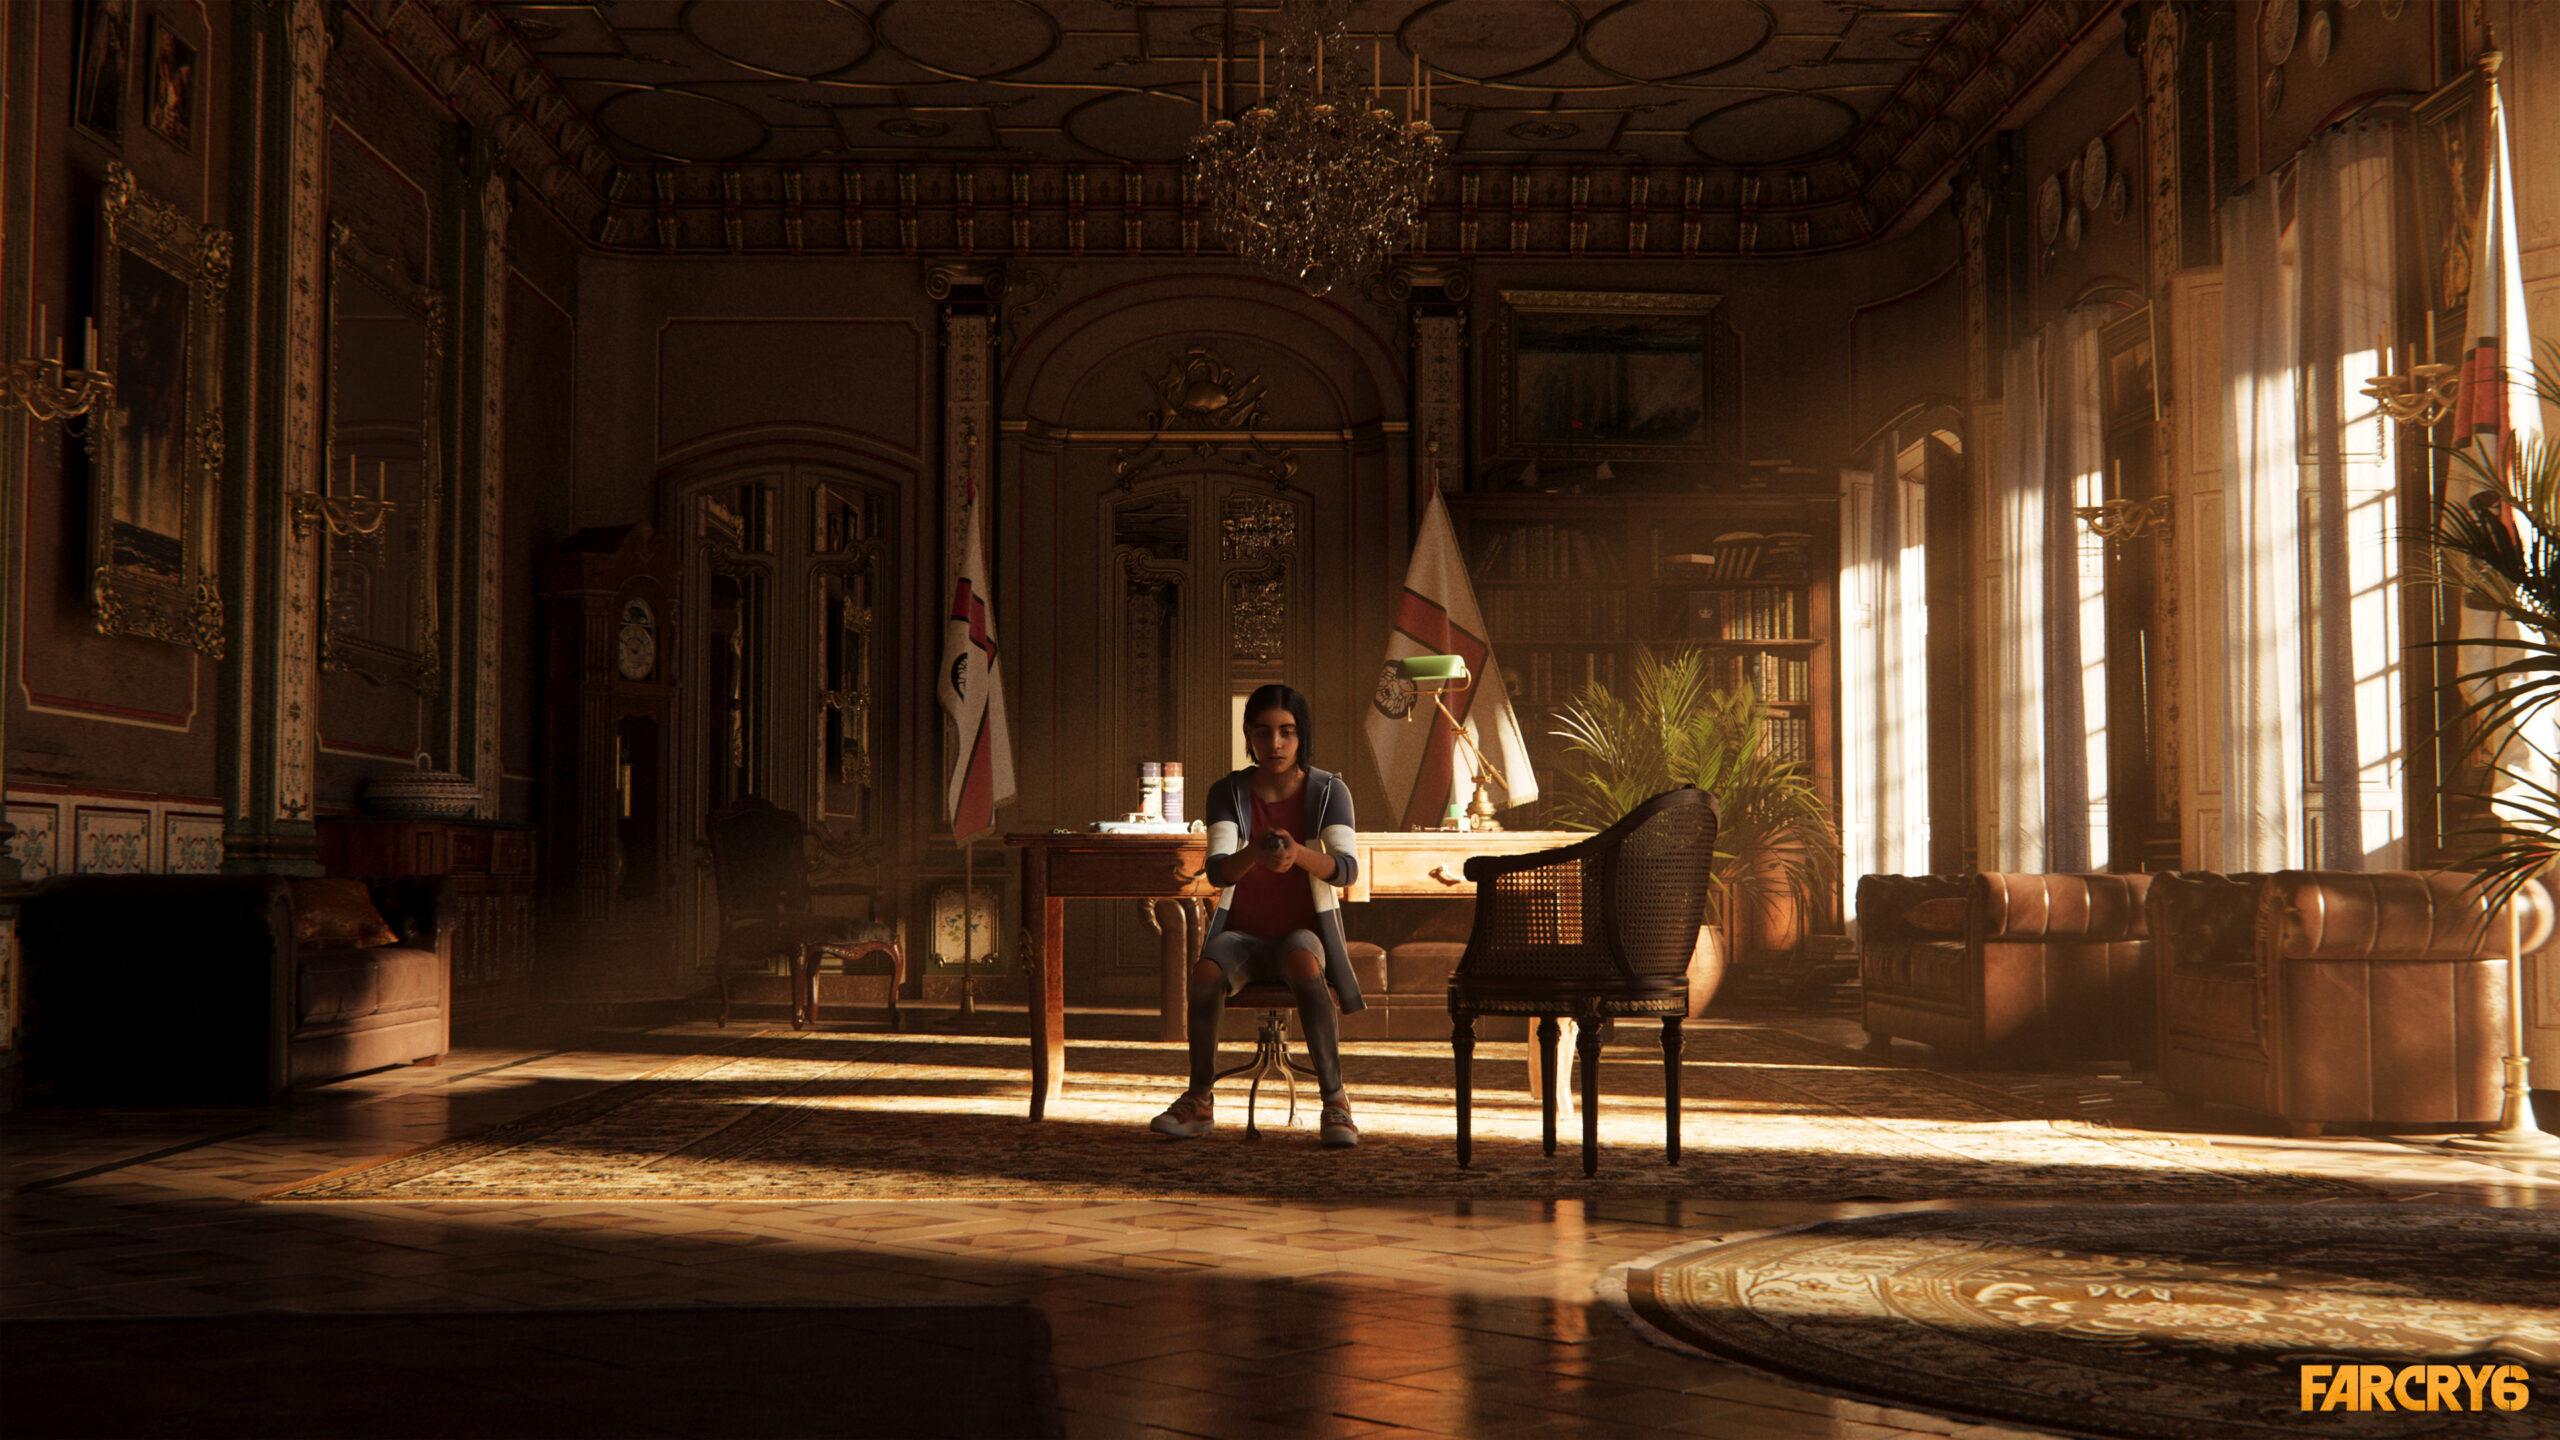 Far Cry 6 Diego Castillo Holding Grenade Screenshot